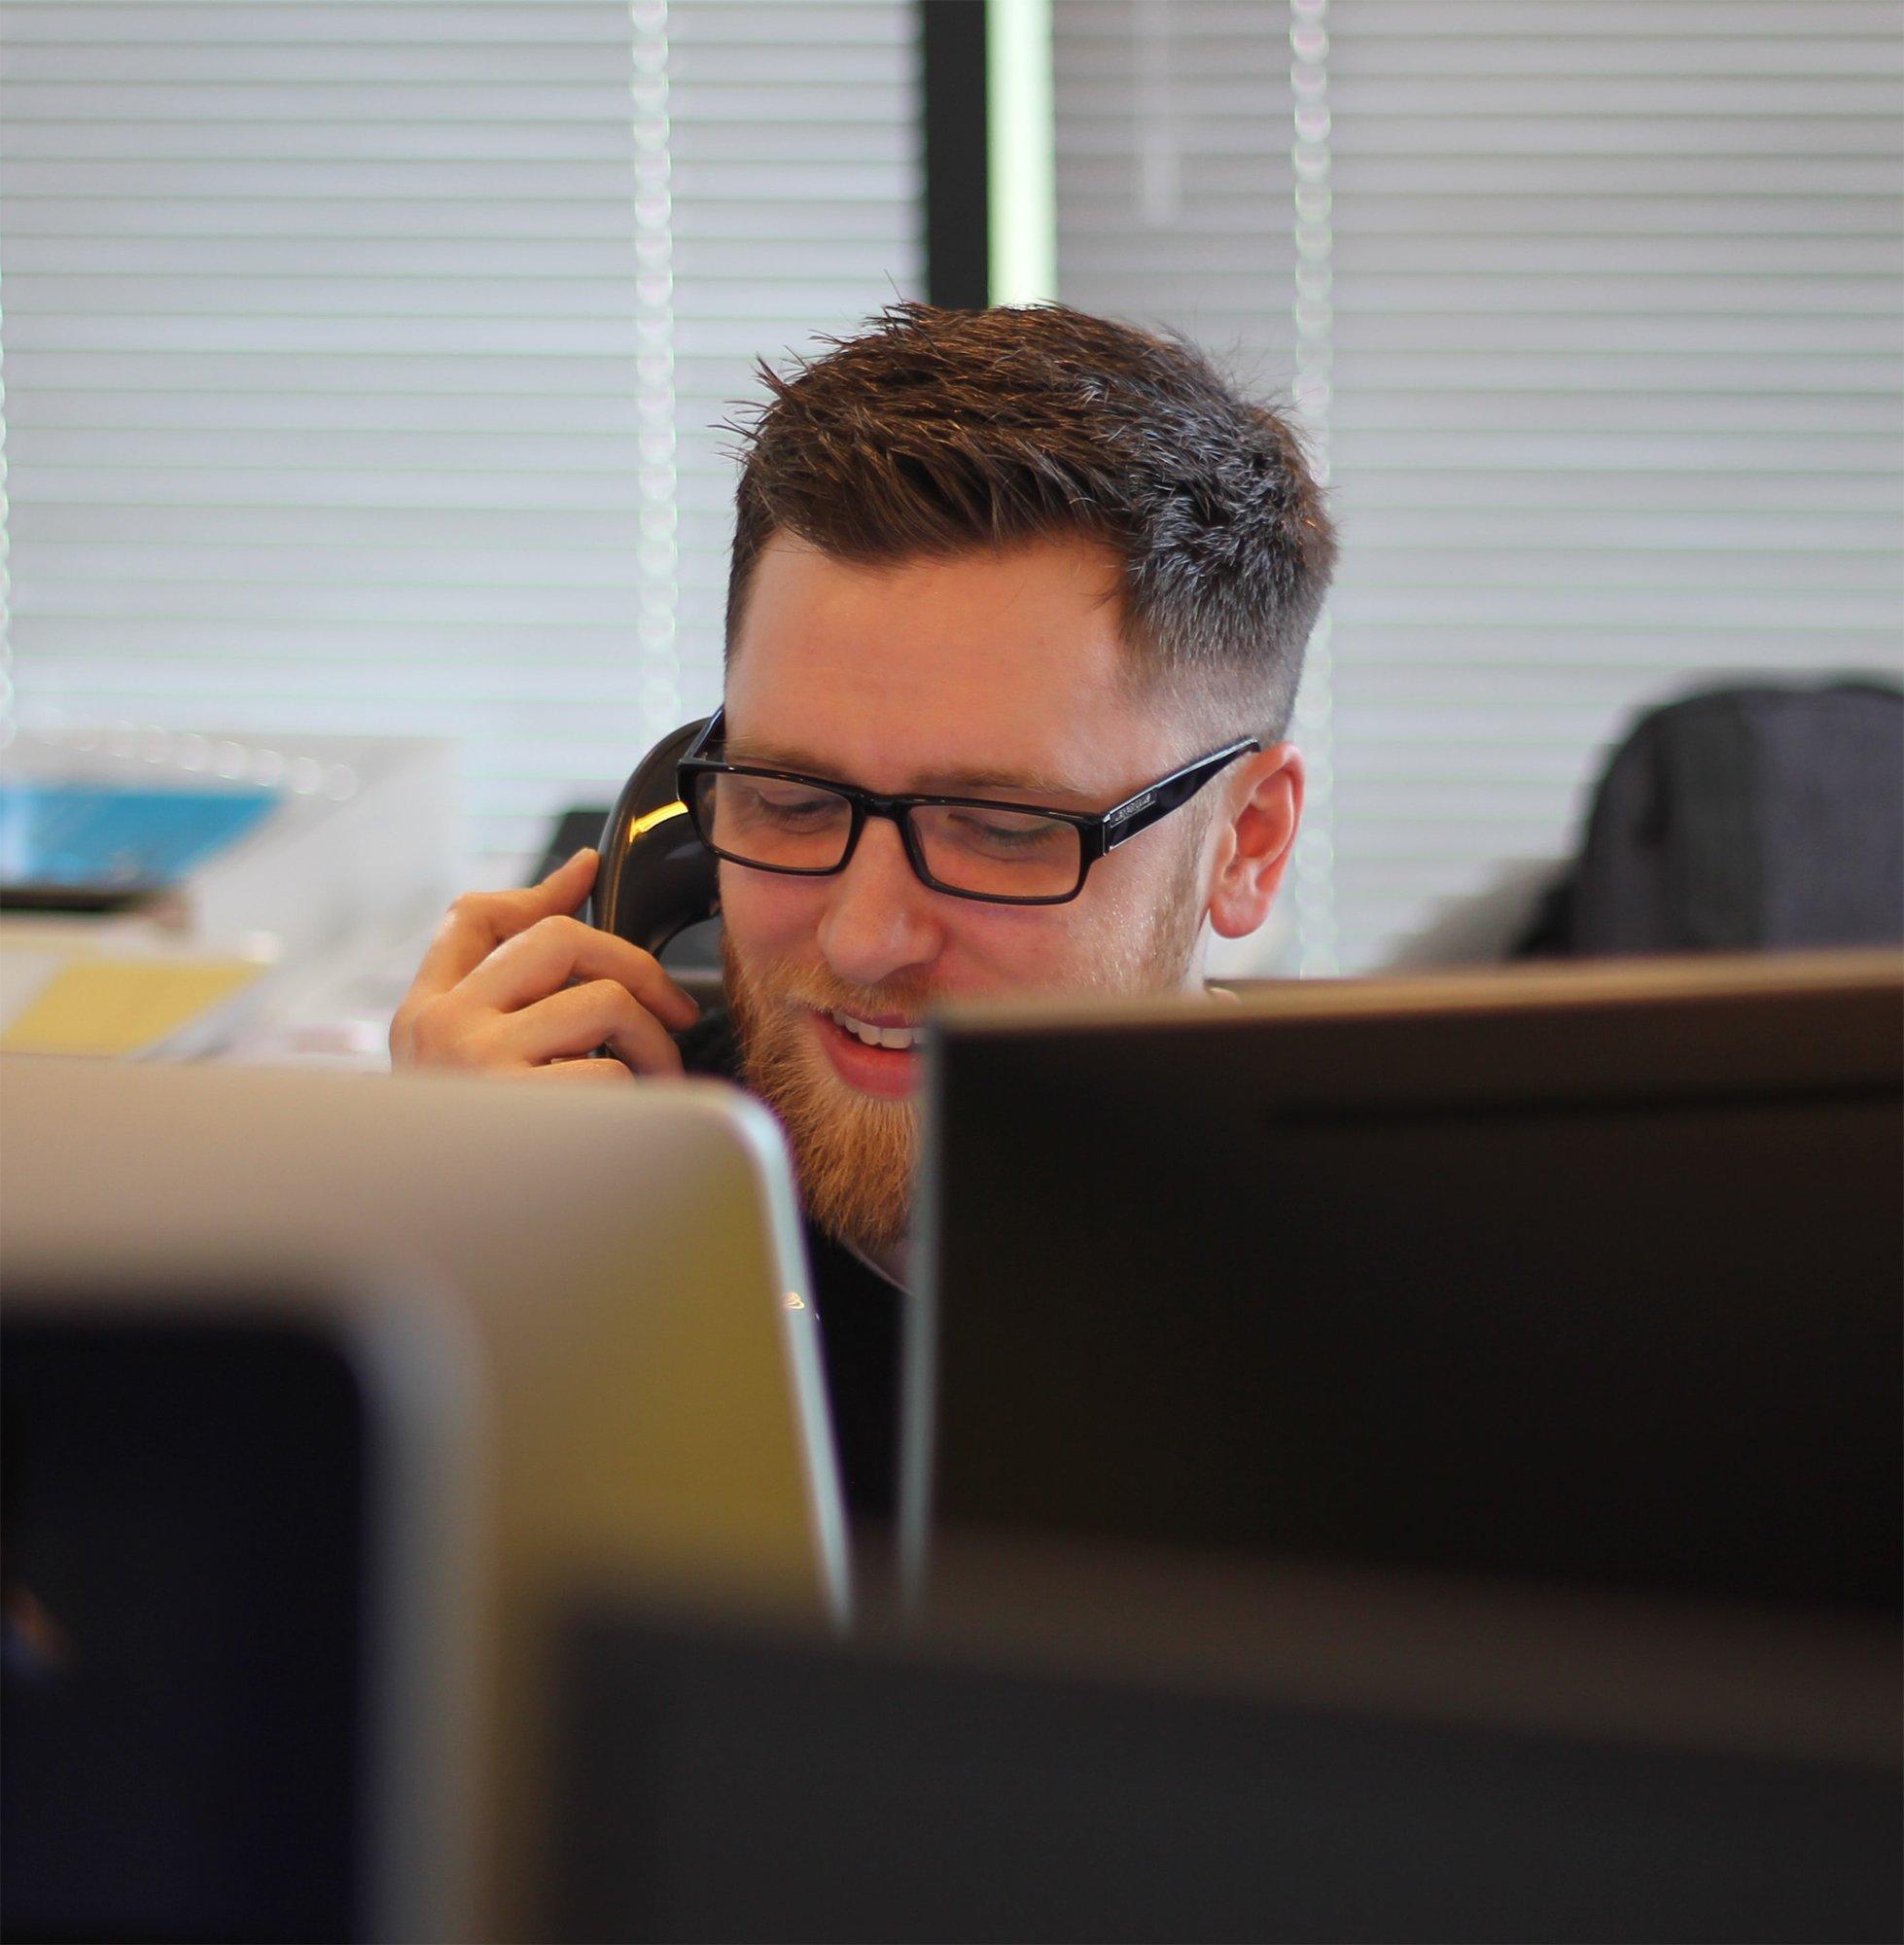 remote customer service agent